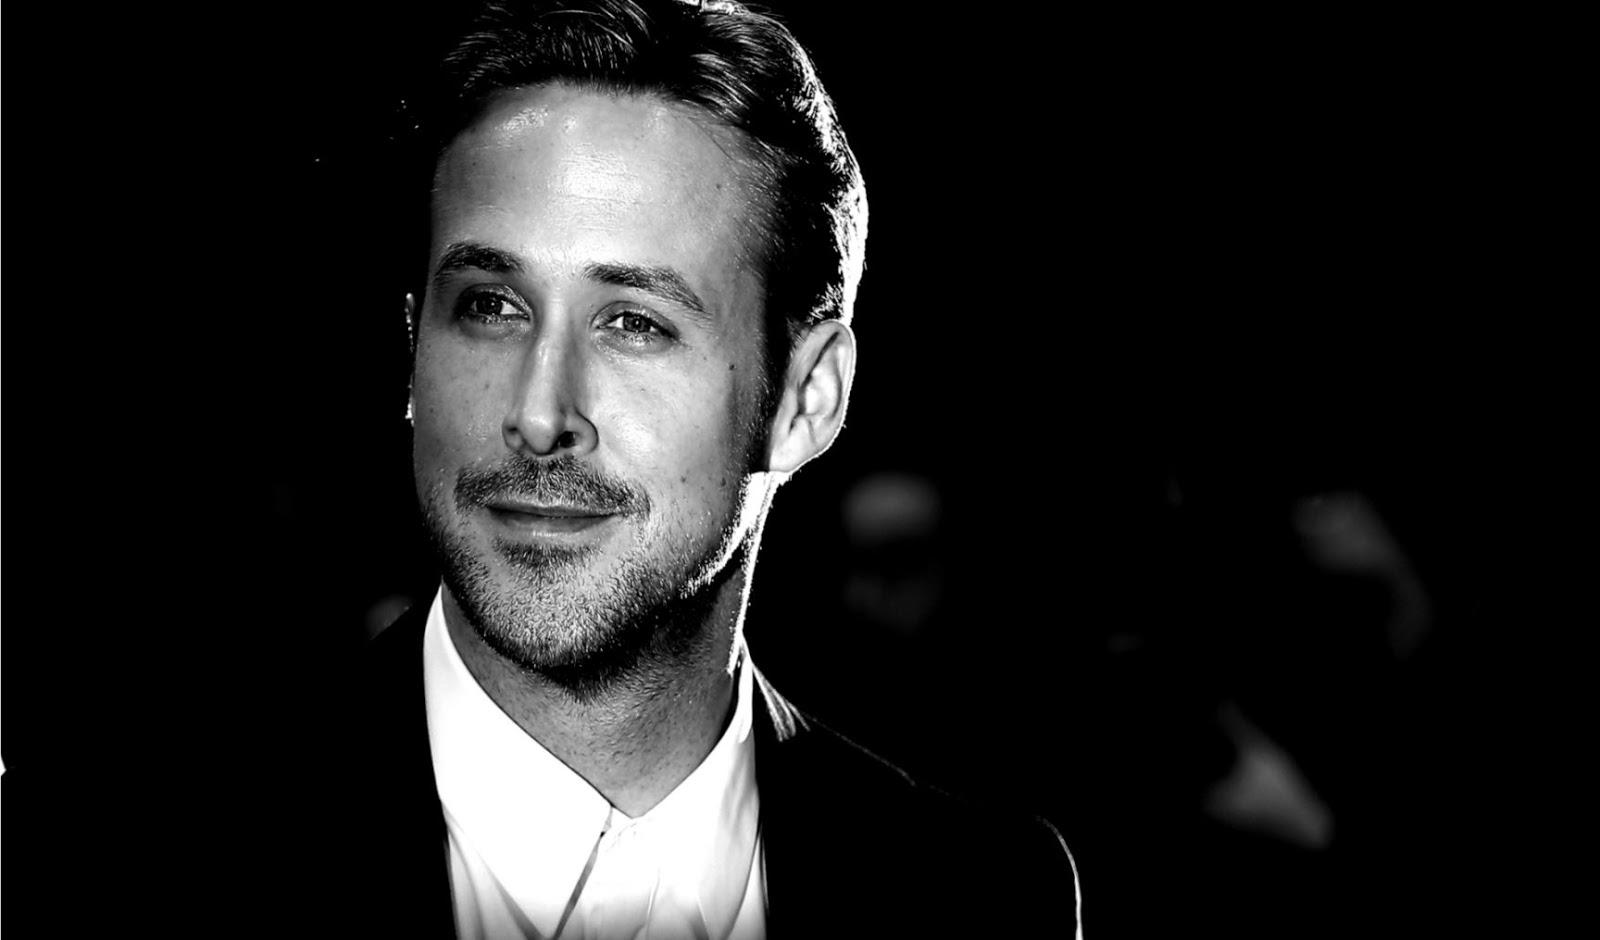 Gosling Free Download Hd Desktop Wallpaper Backgrounds - Teachers Standardized Testing Meme , HD Wallpaper & Backgrounds